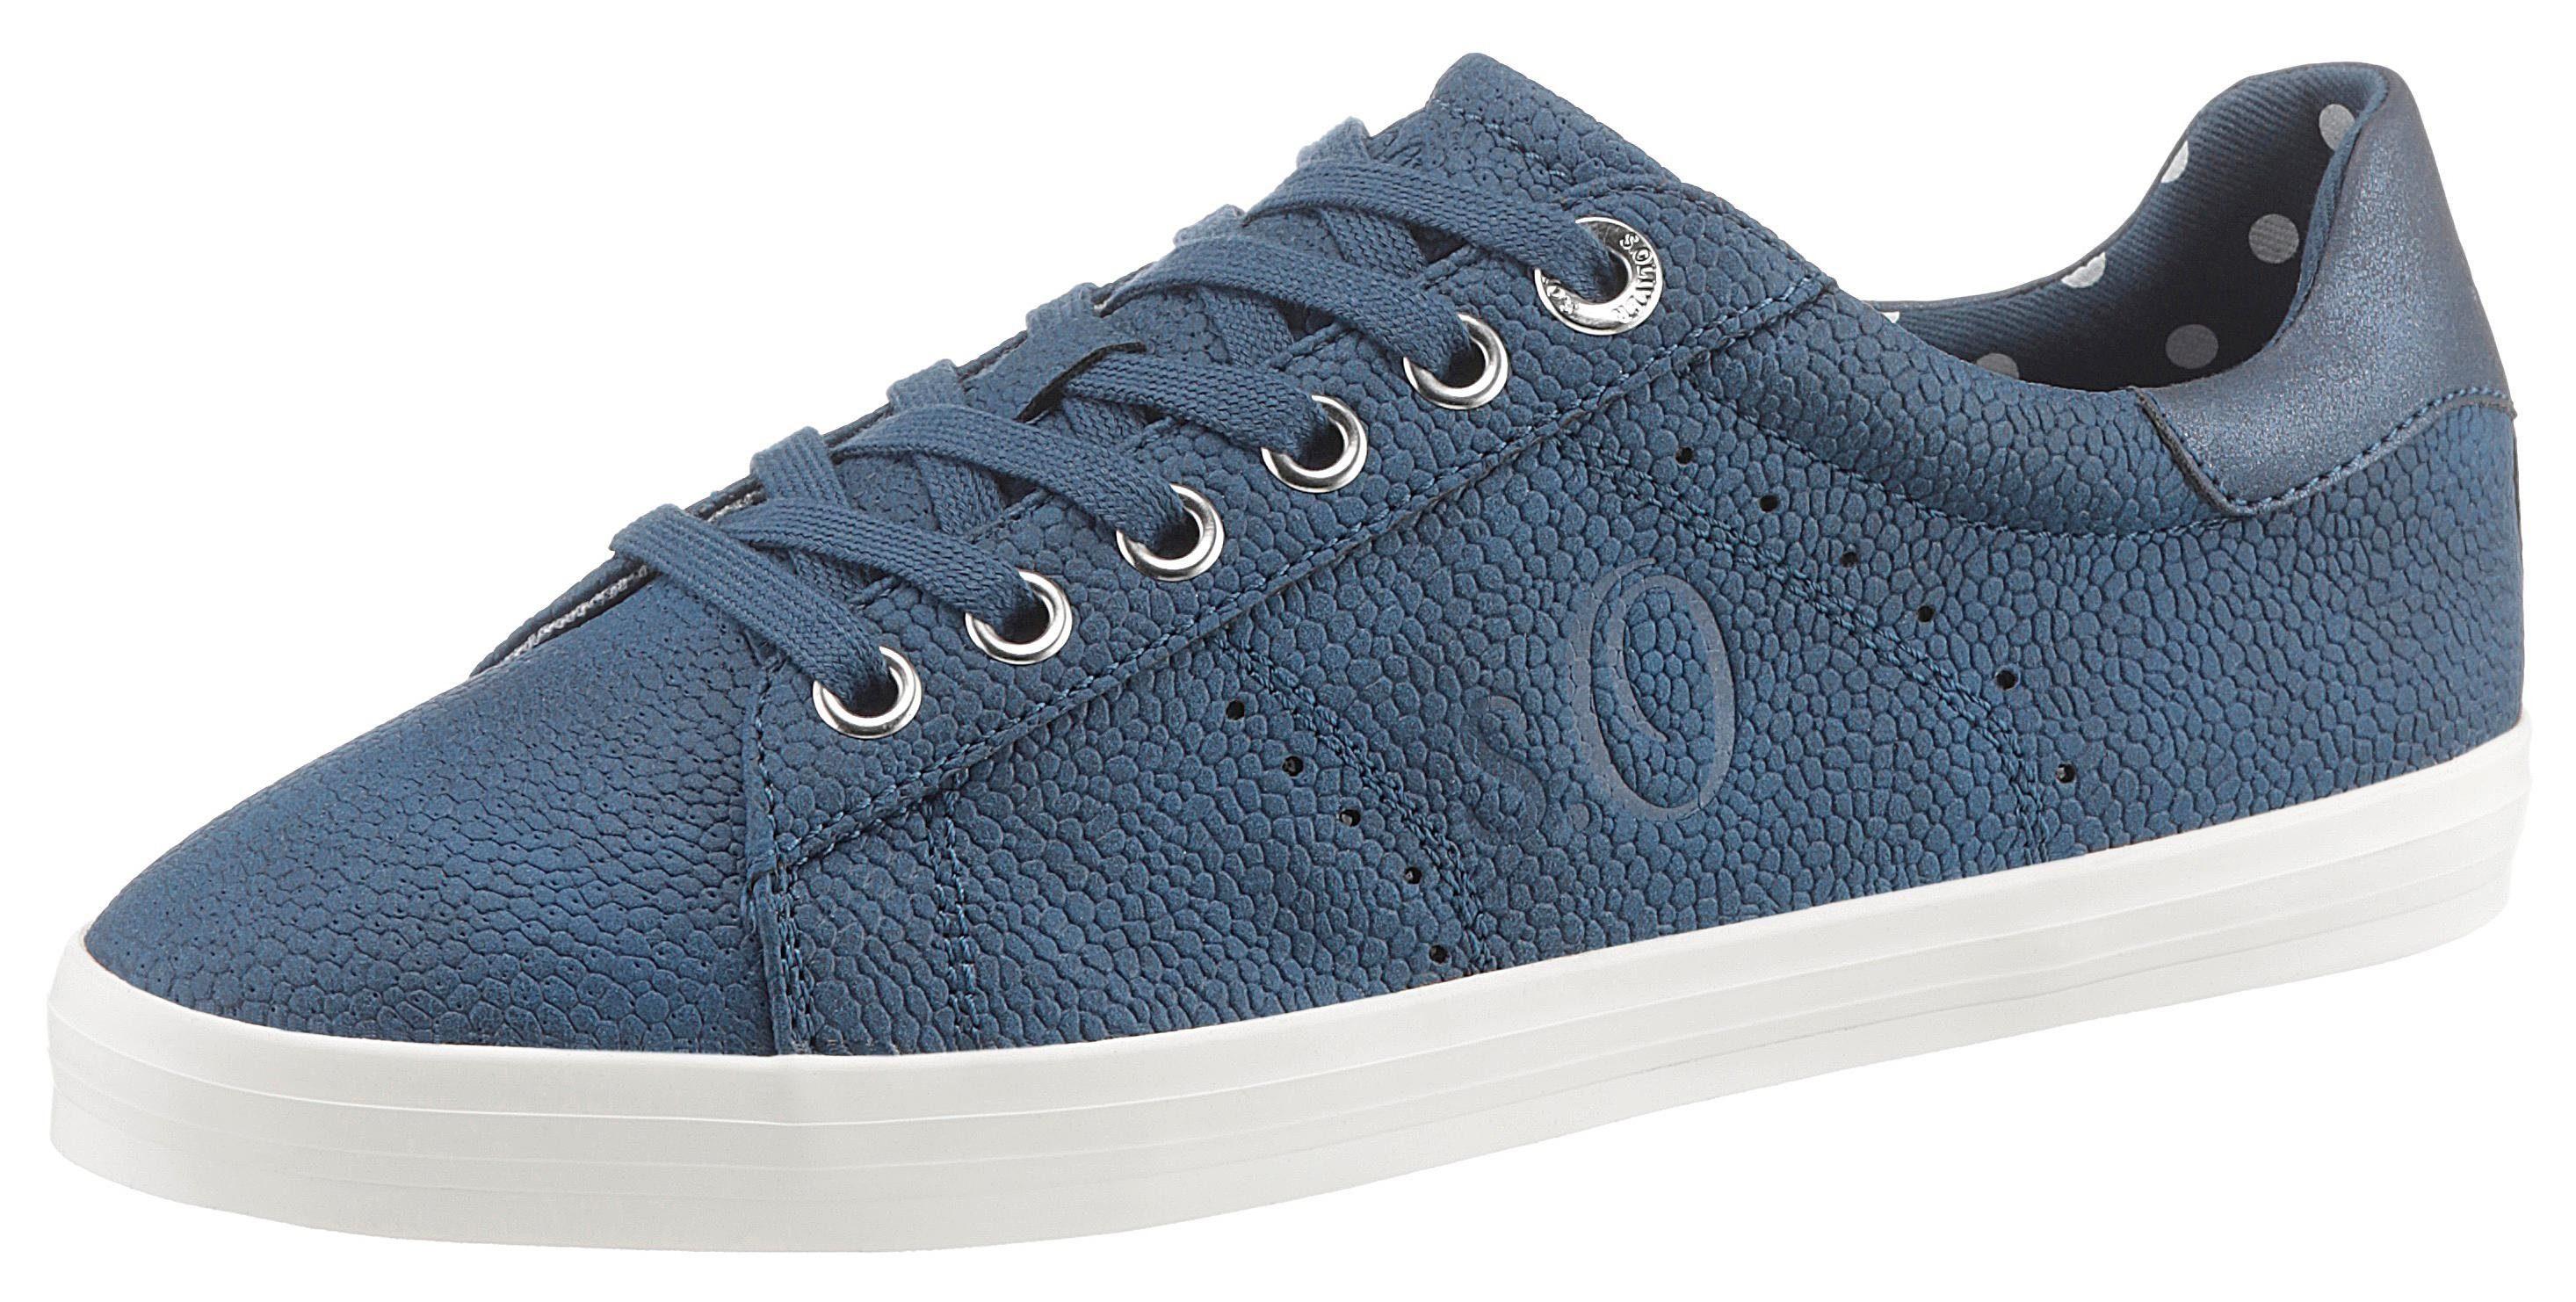 s.Oliver Sneaker in hochwertiger Nubukoptik kaufen | OTTO